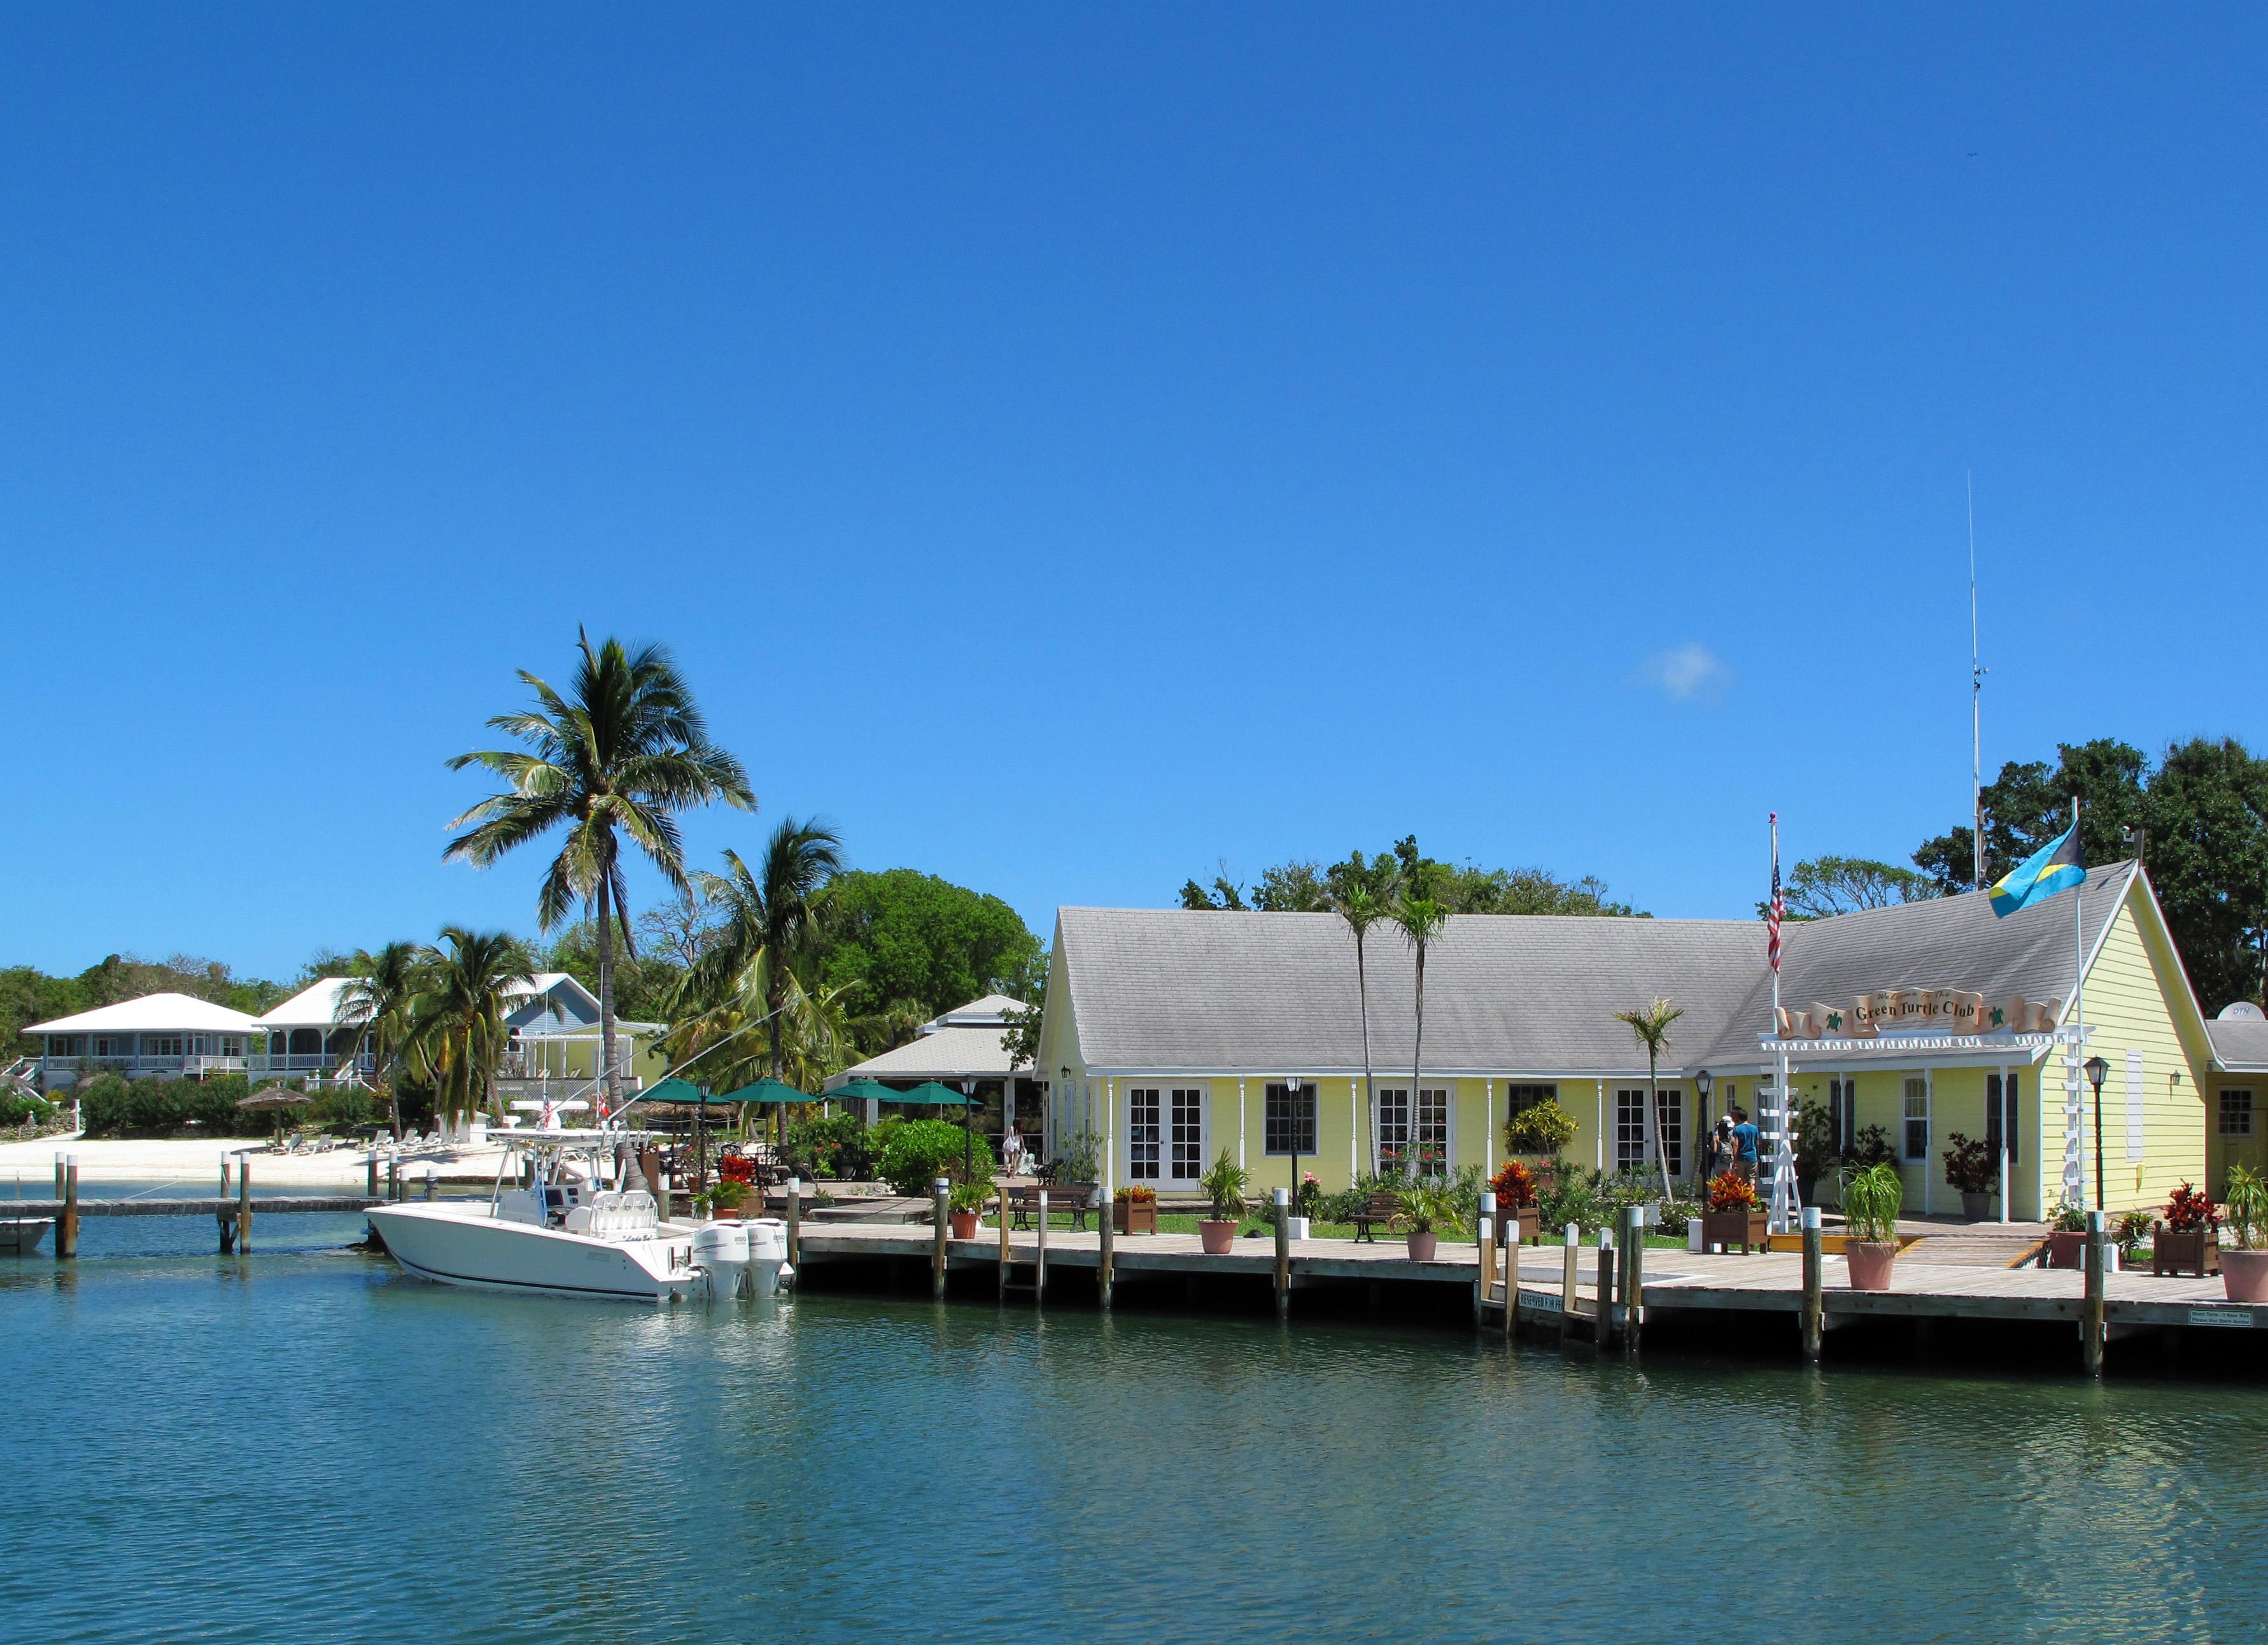 Noleggio Barche Green Turtle Cay - Navalia | Noleggia un Sogno